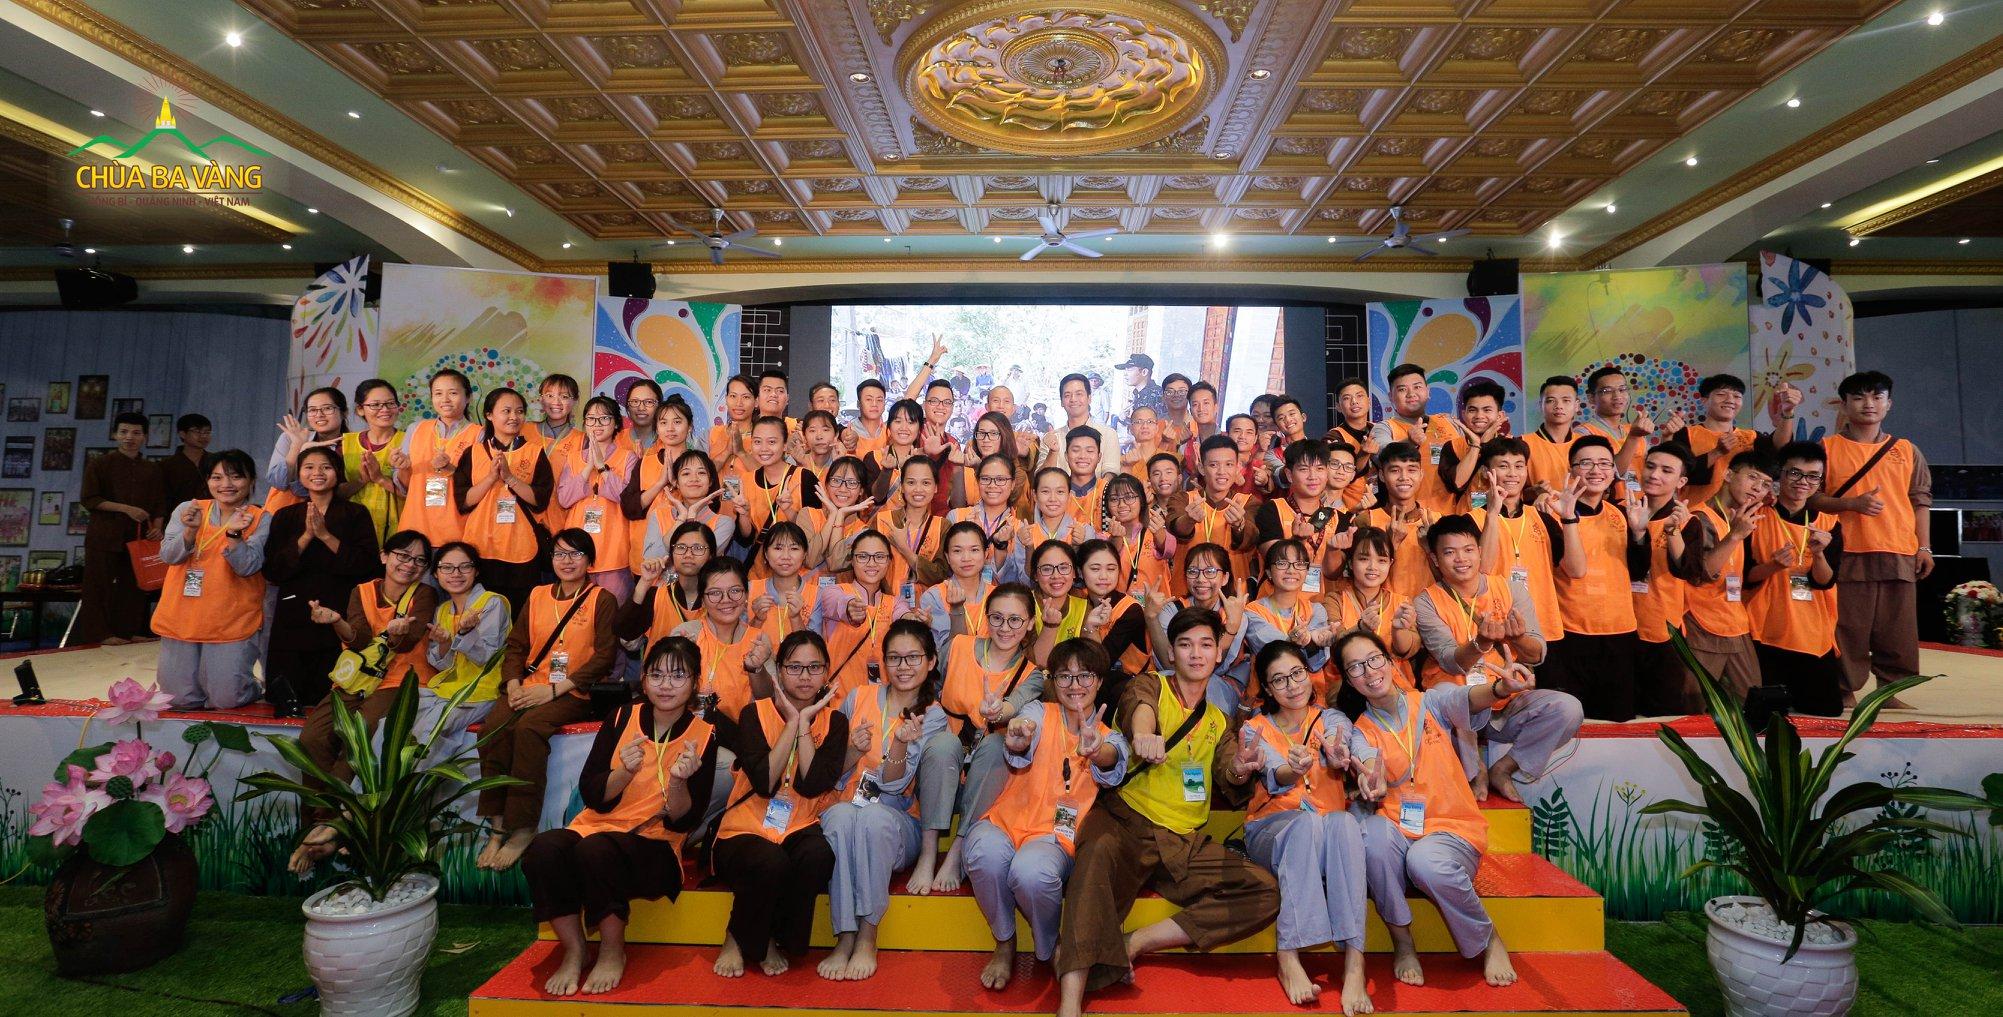 MC Phan Anh chụp ảnh lưu niệm cùng một số anh chị tình nguyện viên khóa tu mùa hè.